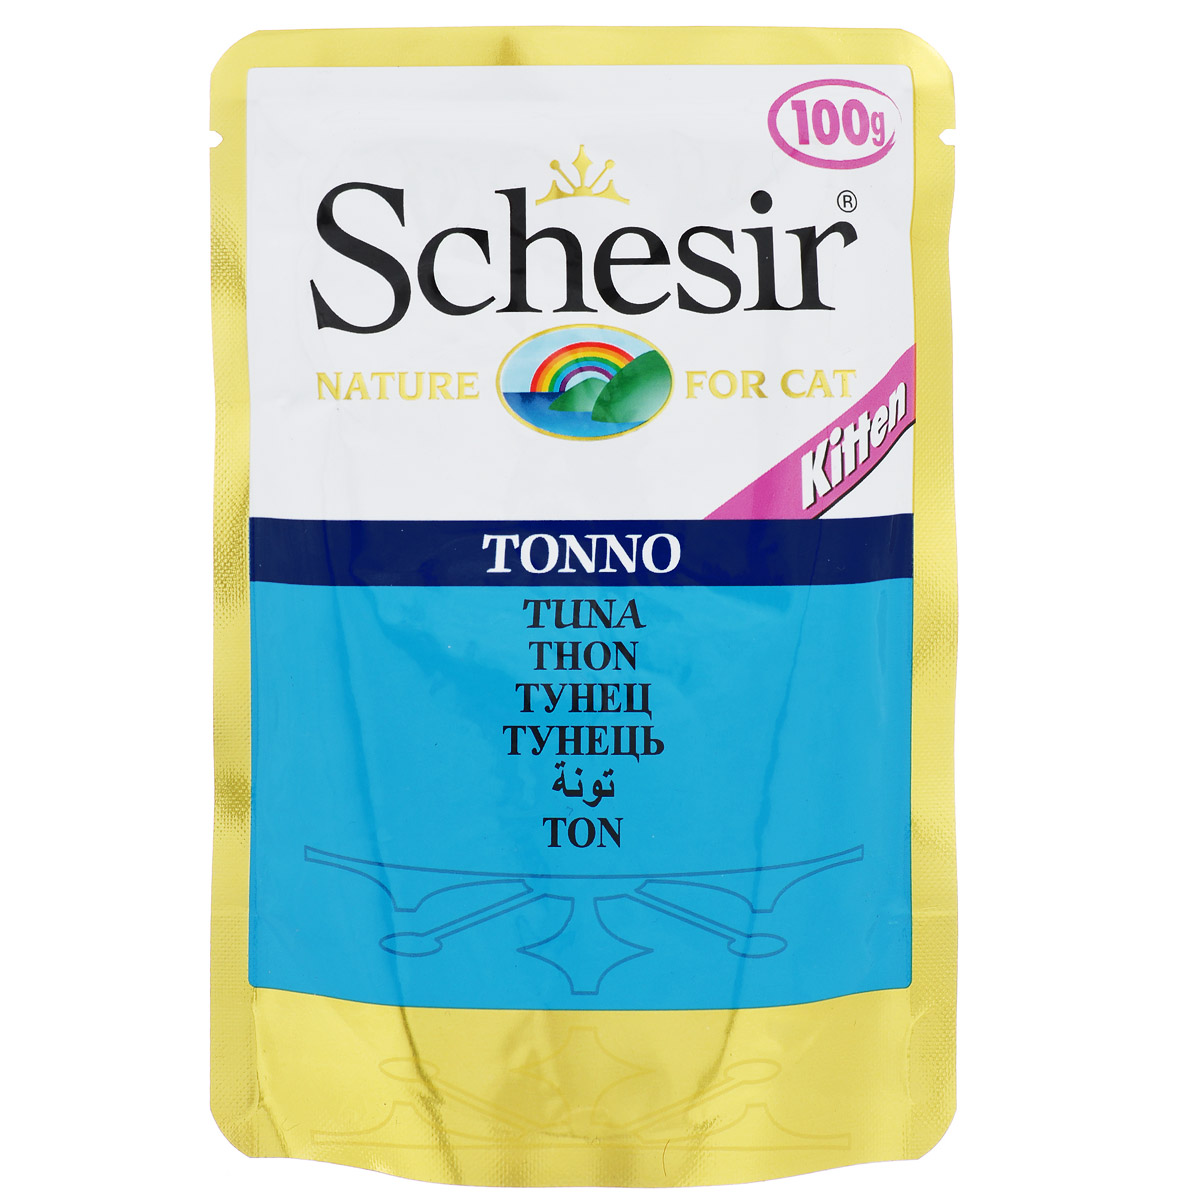 Консервы для котят Schesir, с тунцом, 100 г132.С575Консервы Schesir - это полнорационный корм для котят. Состав: тунец (50% минимум), овощное желе. Содержание элементов: сырой протеин 12%, жиры 2%, клетчатка 1,2%, зола 0,1%, влажность 82%.Витамины: А - 1700 МЕ, D3 - 120 МЕ, Е - 180 мг, таурин 200 мг. Вес: 100 г. Товар сертифицирован.